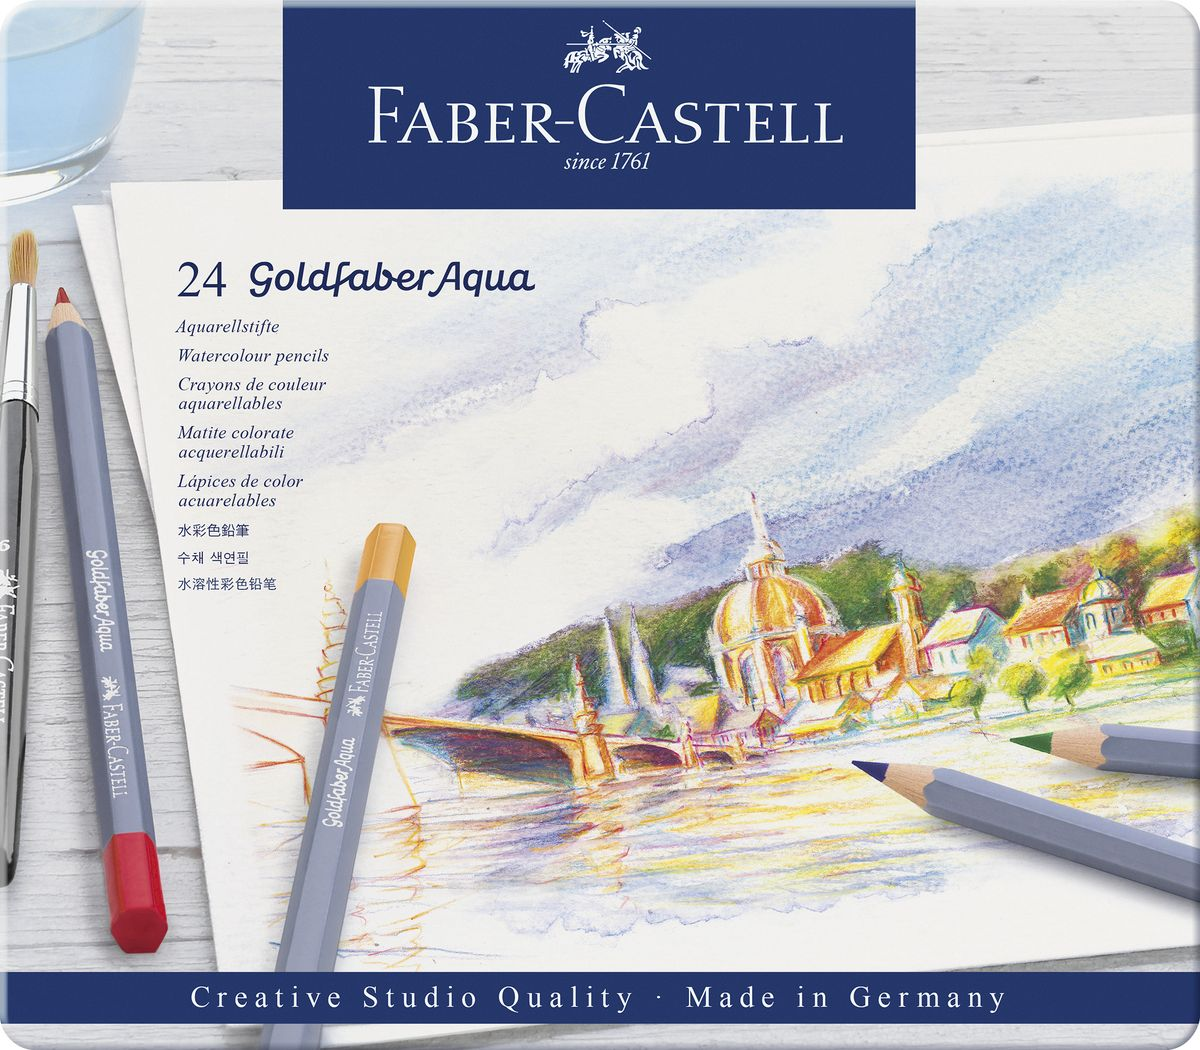 Faber-Castell Набор цветных акварельных карандашей Goldfaber Aqua 24 цветов114624Акварельные карандашиGoldfaberAquaотFaber-Castellподойдут как для любителей, так и для профессионалов. Утолщенный грифель (3,3 мм) не только увеличивает срок службы карандаша, но и позволяет закрашивать большие пространства. Грифель насыщен яркими пигментами и полностью размывается водой. Ключевой особенностью карандашейFaber-Castell является мягкий грифель, который не царапает поверхность бумаги, а ложится плавным слоем, создавая все необходимые условия дляэкспериментовсо смешением оттенков. Это позволяет создавать полные жизни и красок рисунки. Карандаши обладают высоким уровнем светостойкости и не выцветают на солнце или под искусственным освещением. Упаковка: металлическая коробка, 24 шт. Сделано в Германии.